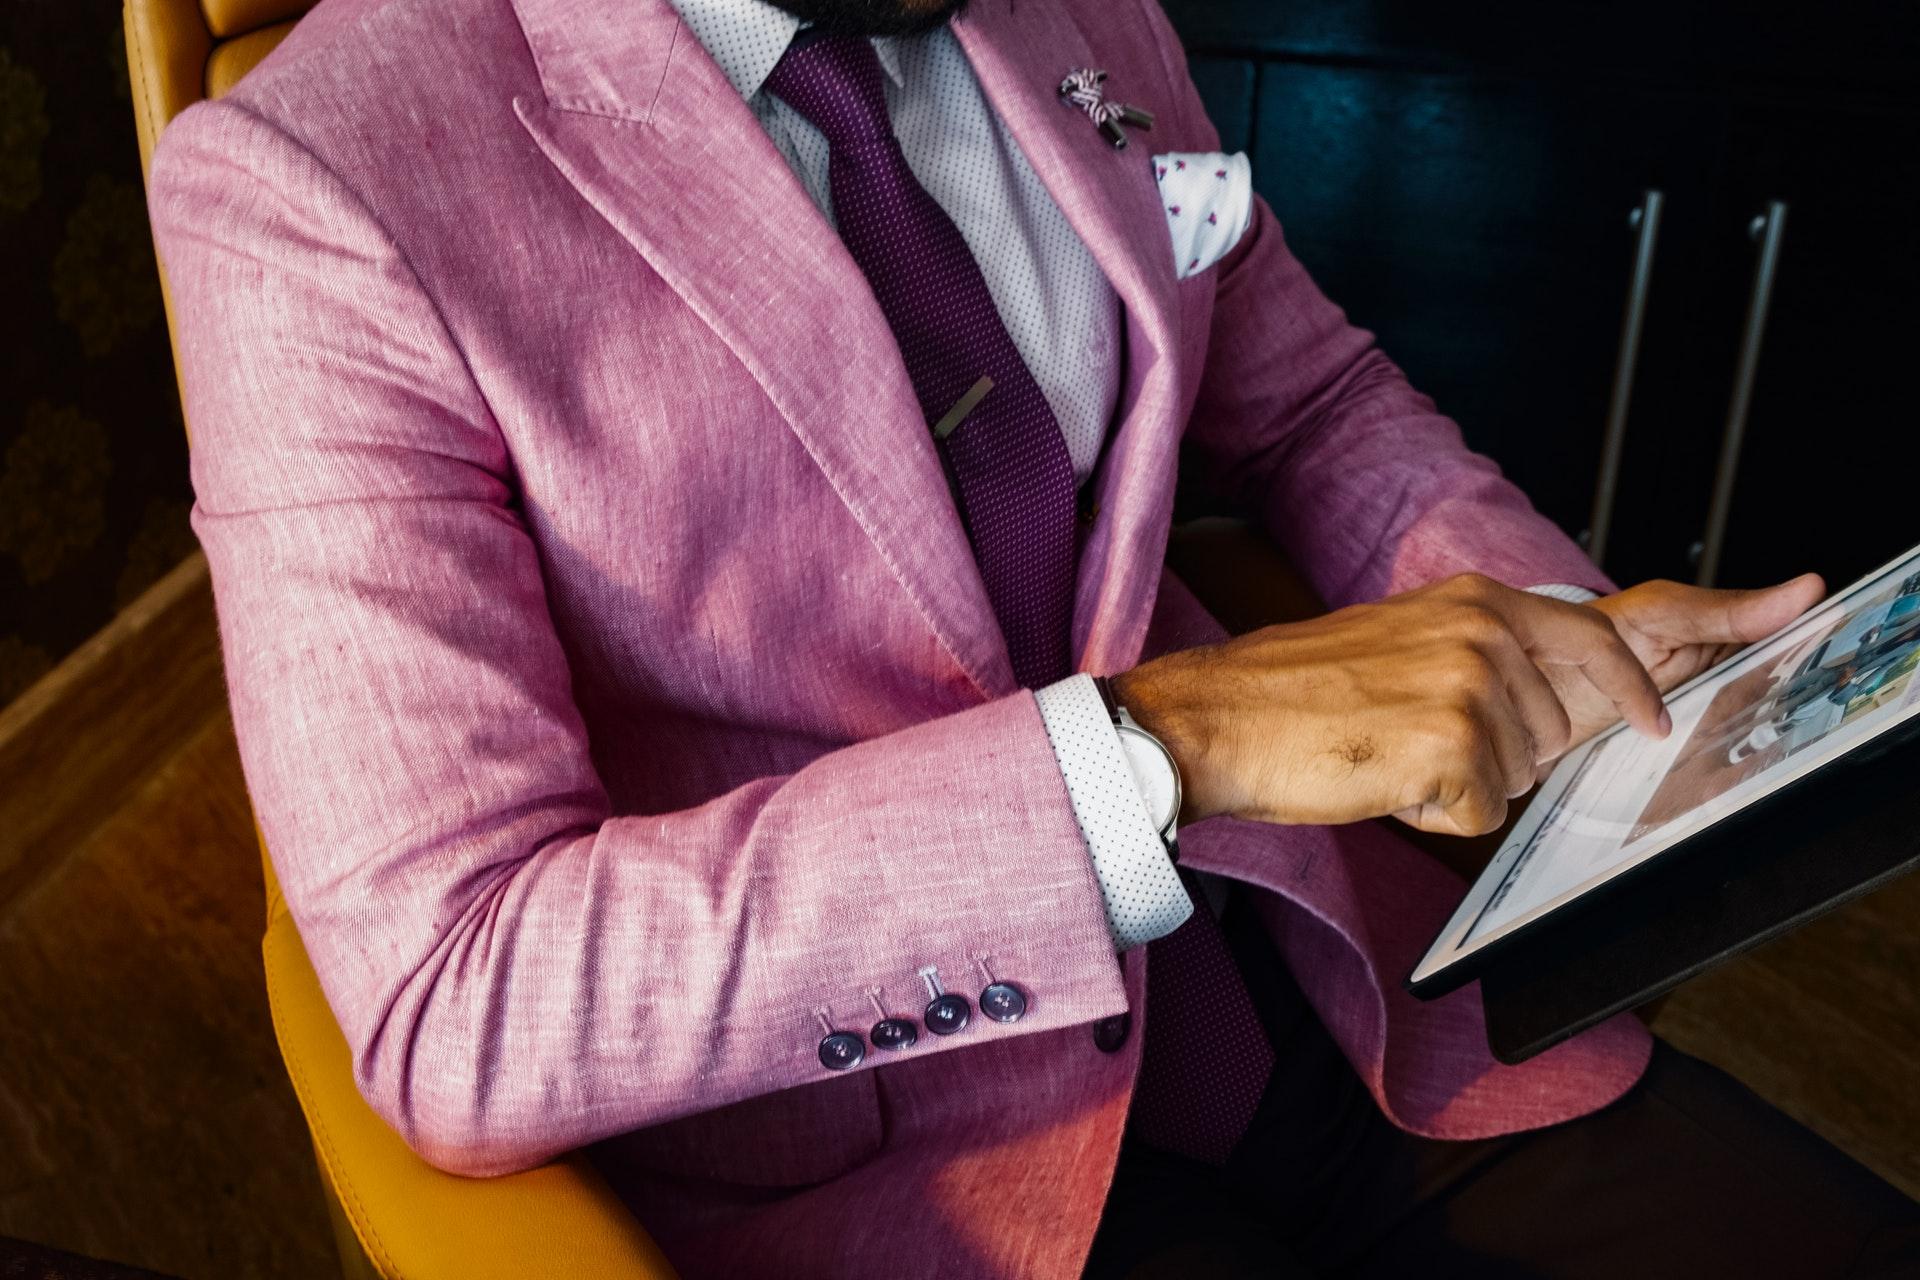 紫のスーツに身を包んだ男性